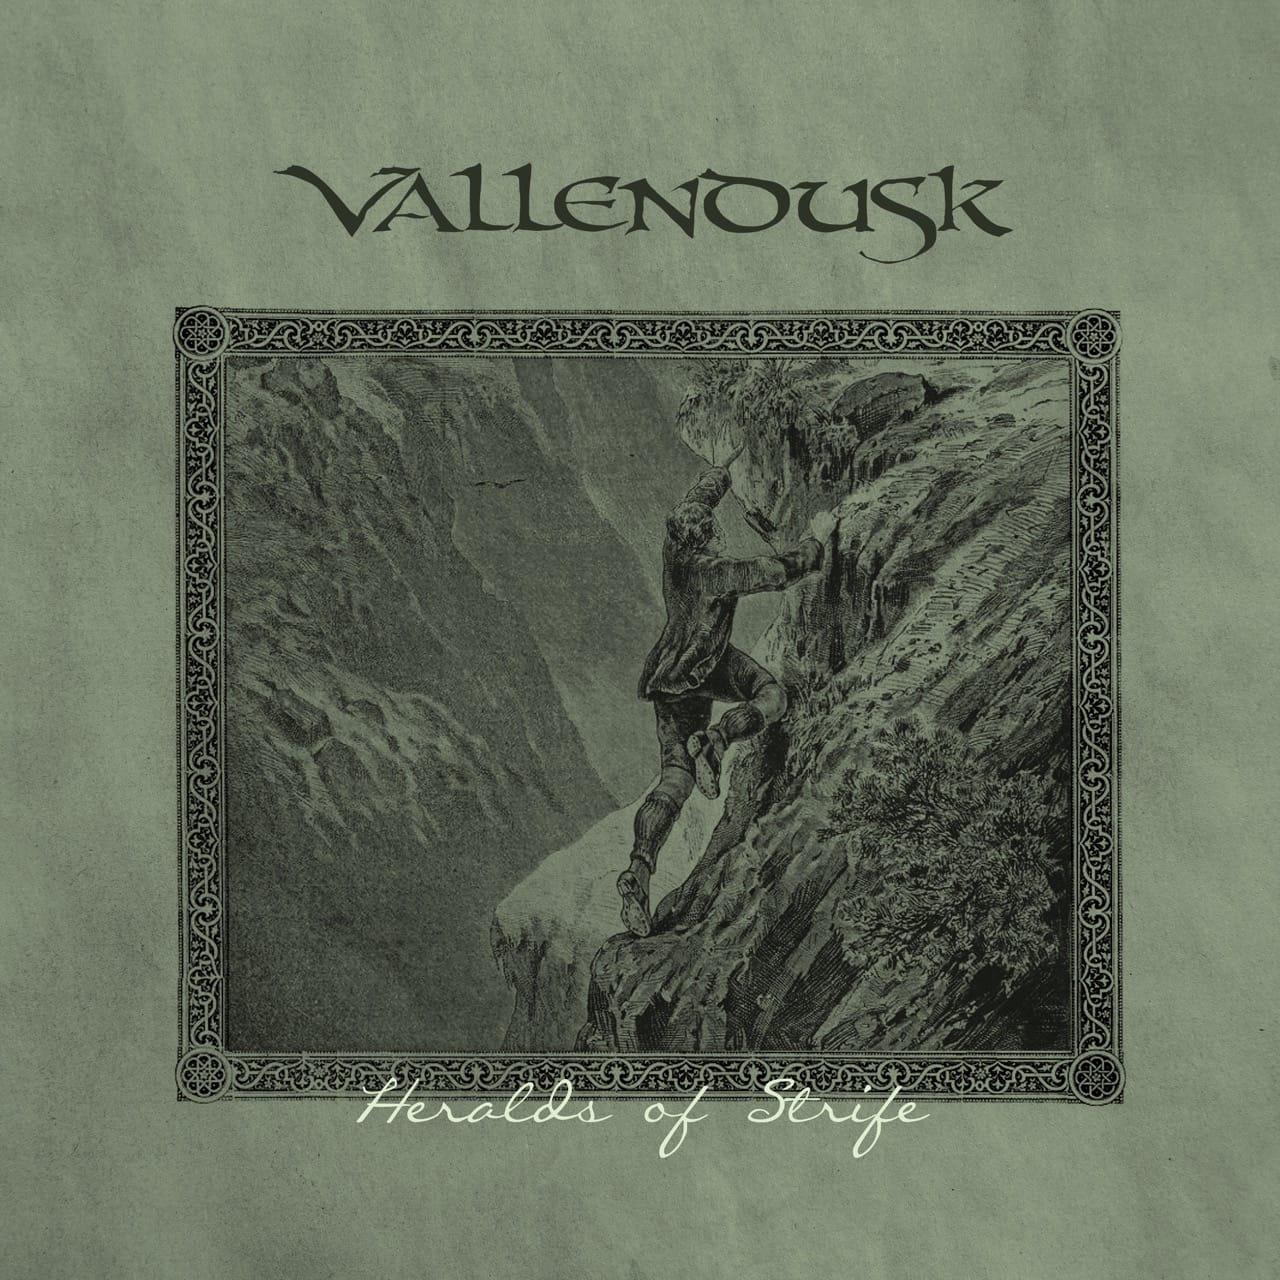 Vallendusk Heralds of Strife Album Cover Artwork